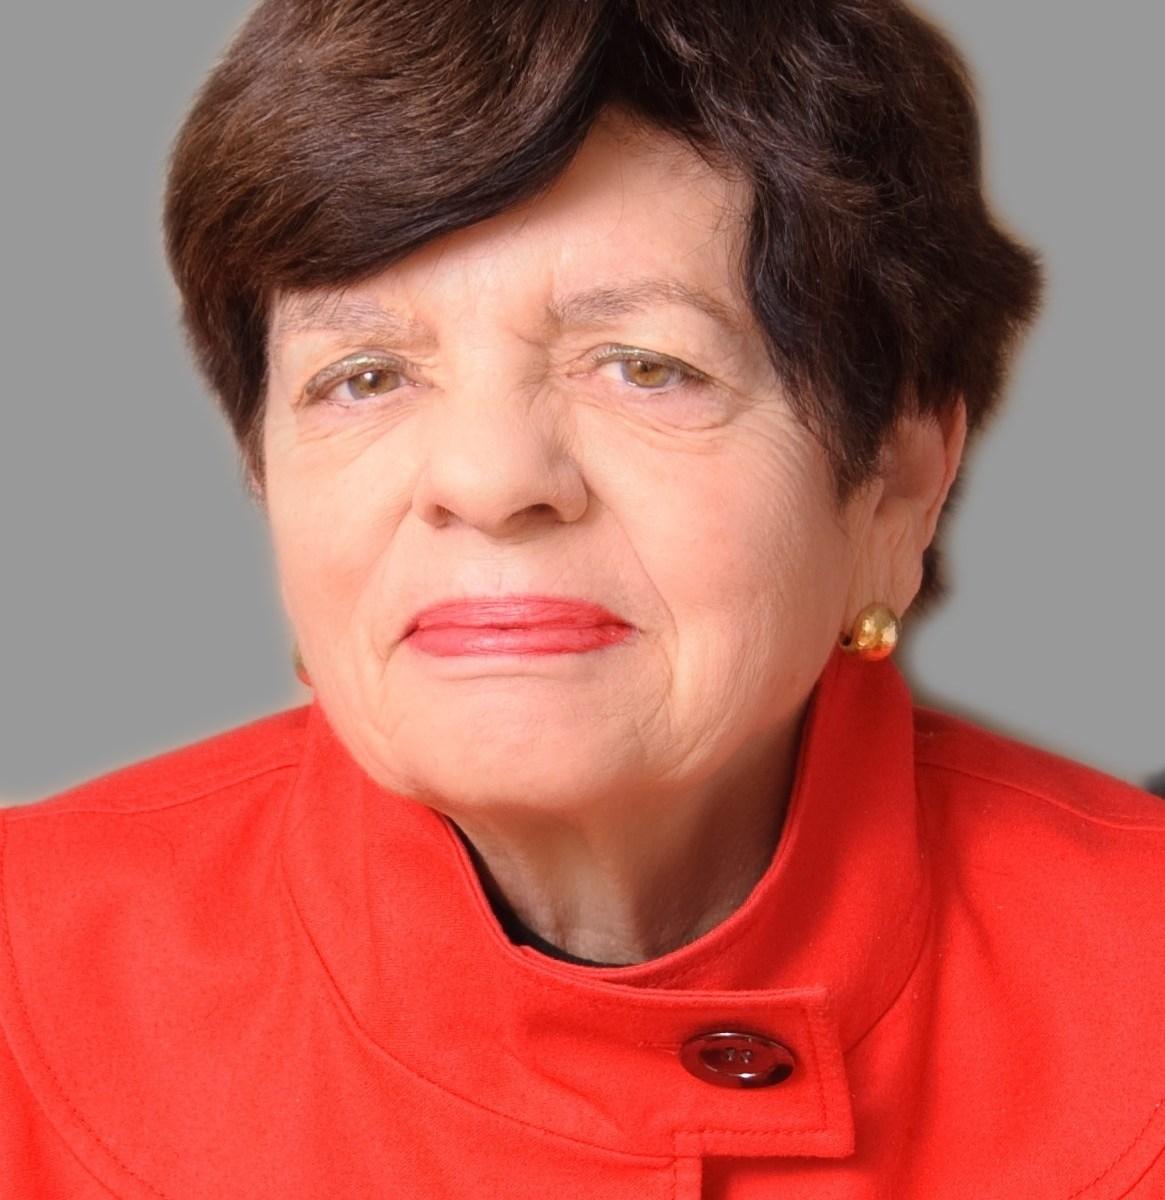 La junta de Washington DC: Expresidenta Alice Rivlin recuerda el costo social de cuadrar la caja